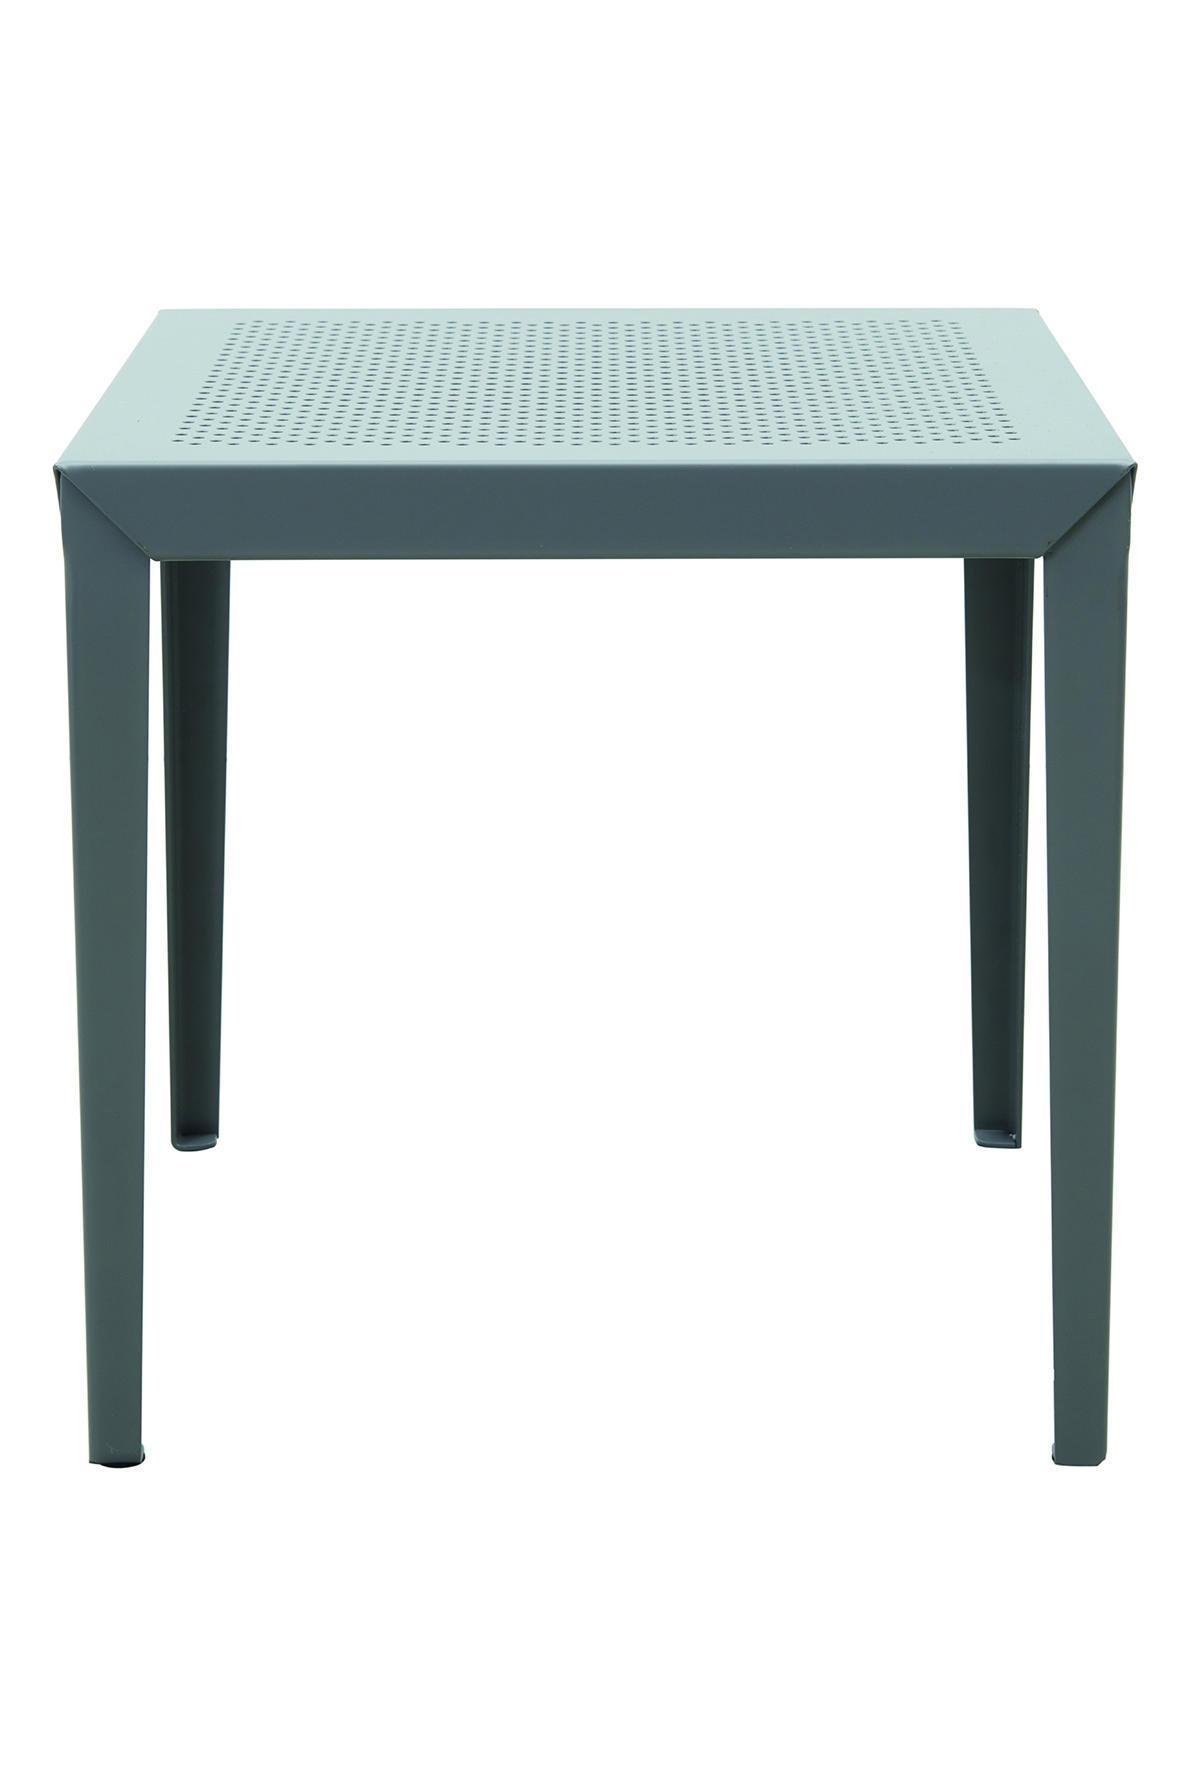 House Doctor Konferenční stolek Par grey, šedá barva, kov